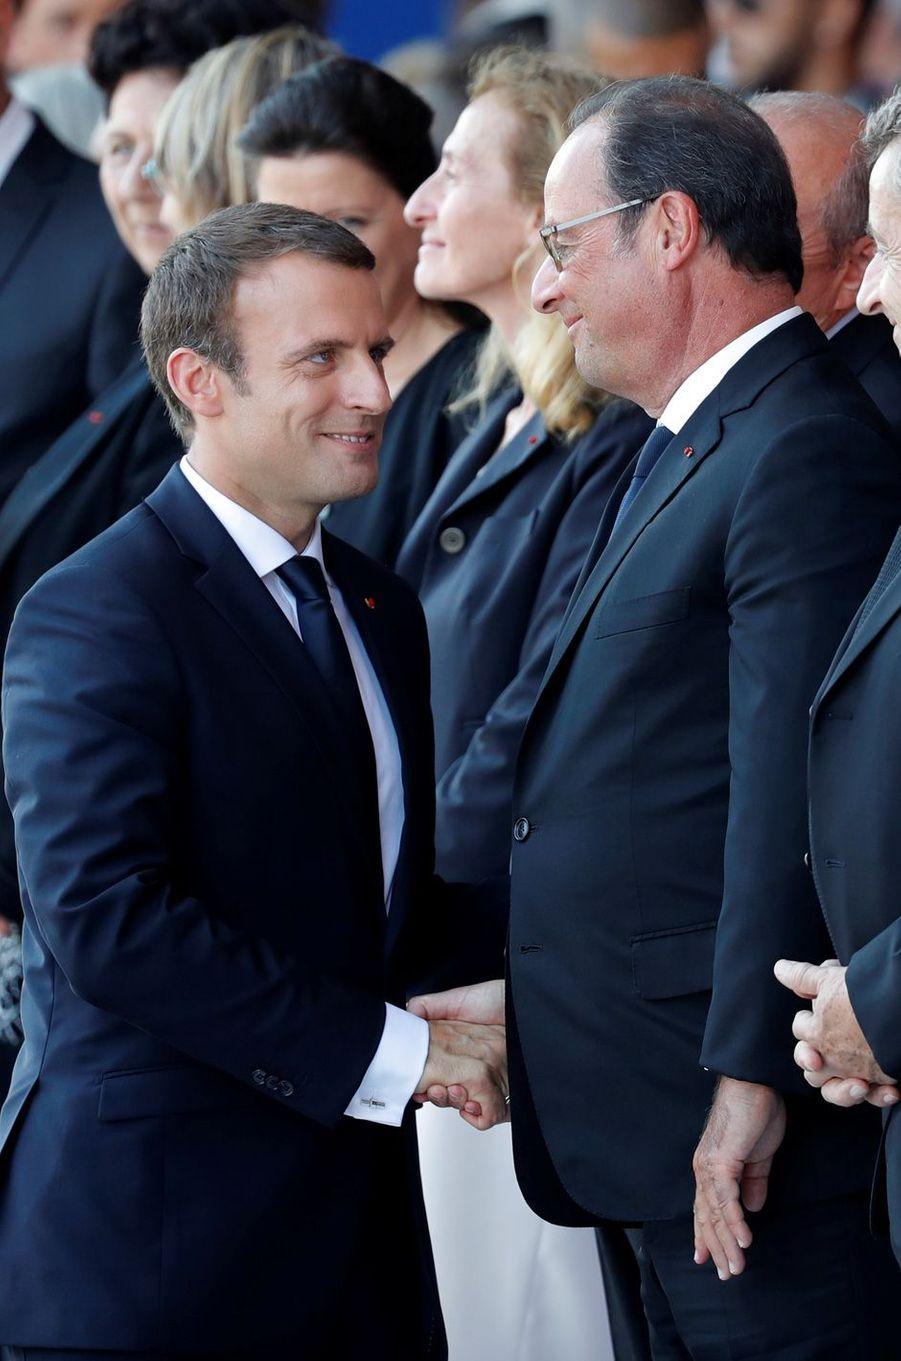 Le président de la République salue François Hollande.